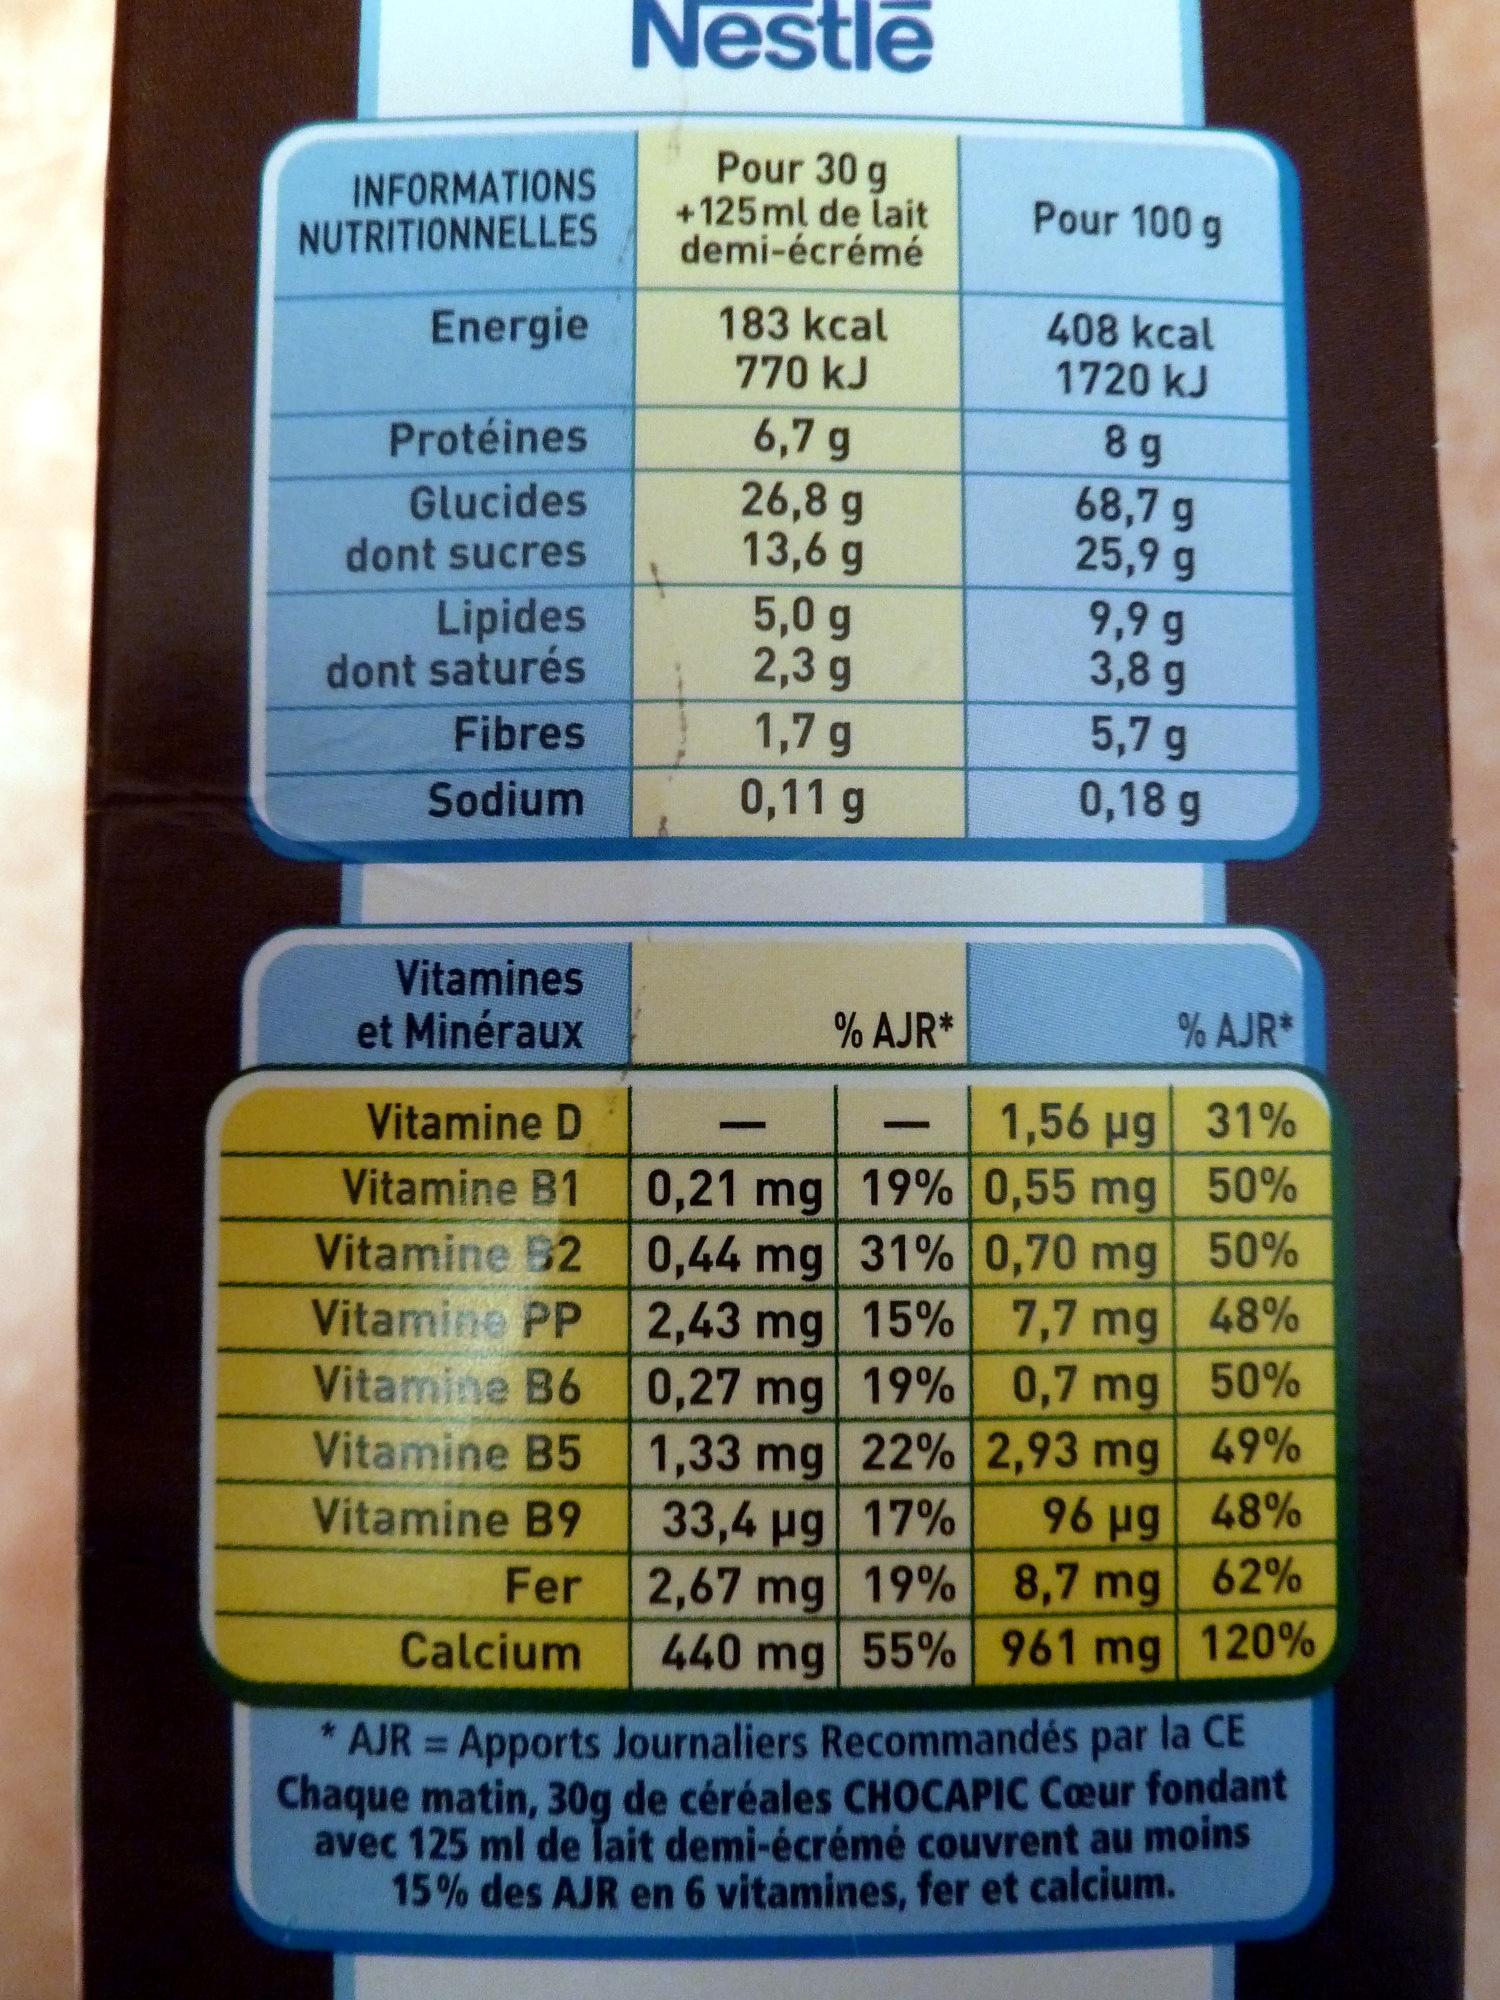 Chocapic Coeur fondant - Maxi format - Informations nutritionnelles - fr